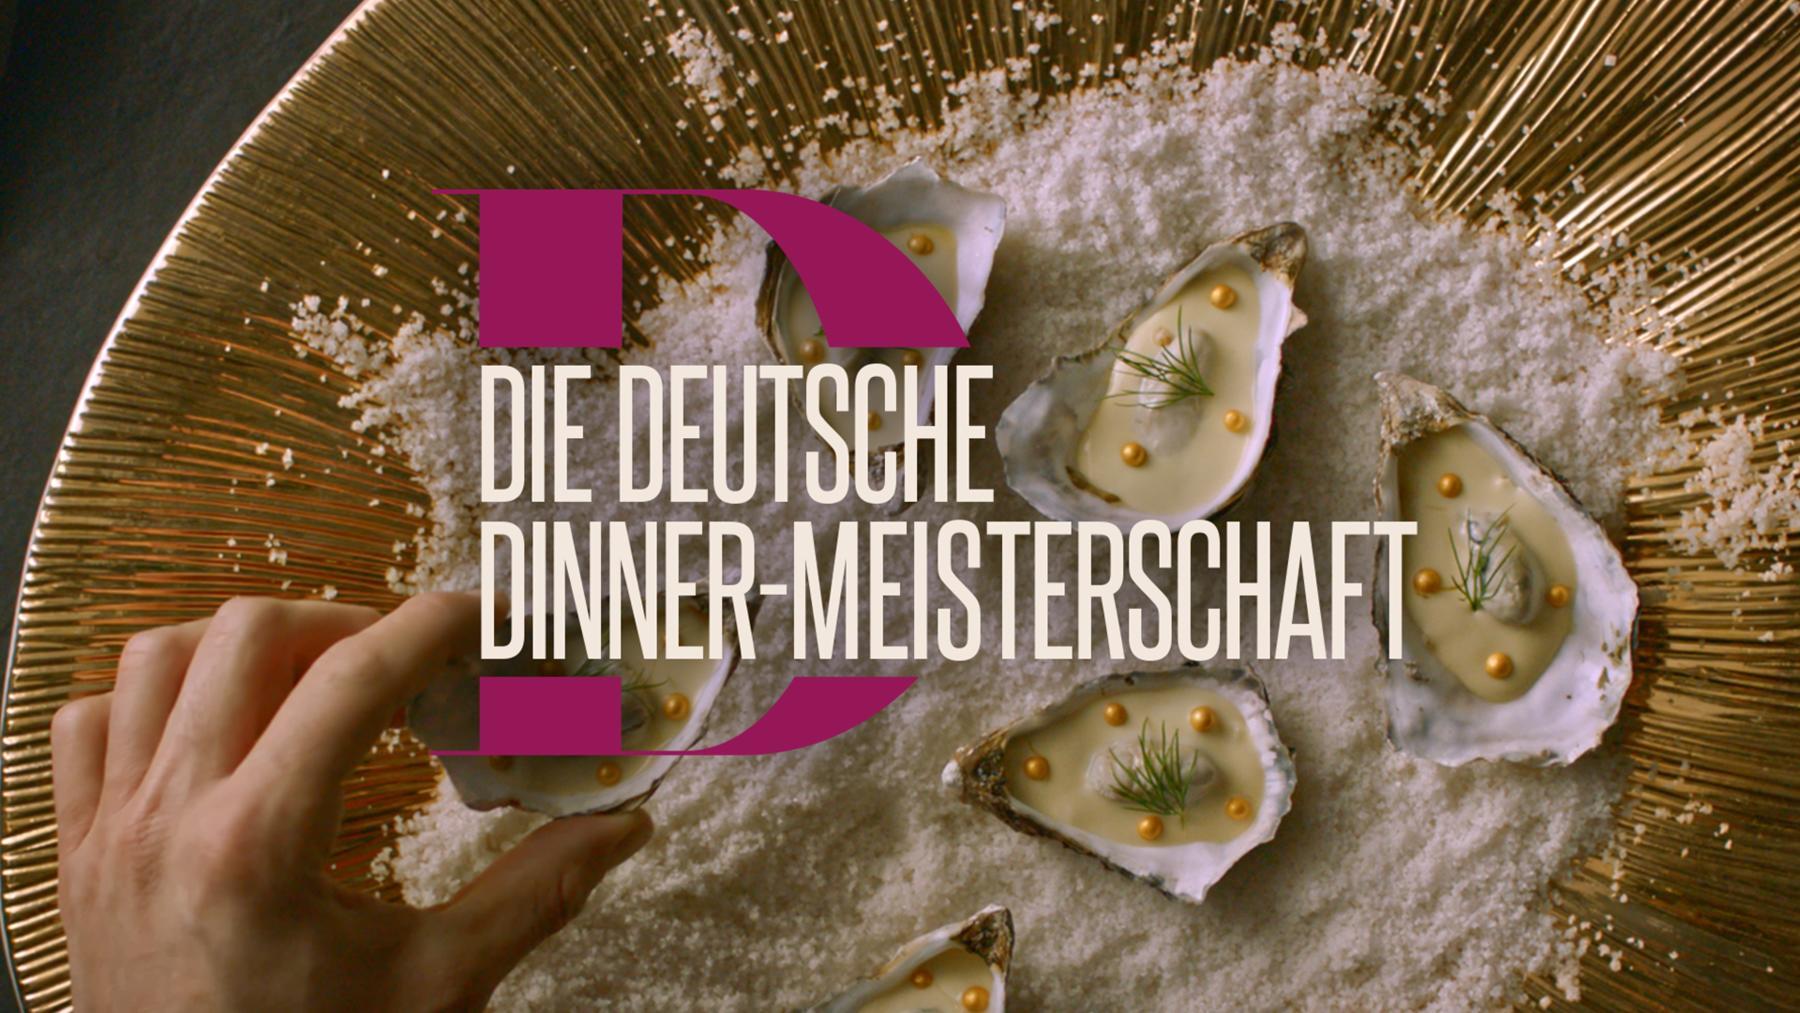 Die deutsche Dinner-Meisterschaft